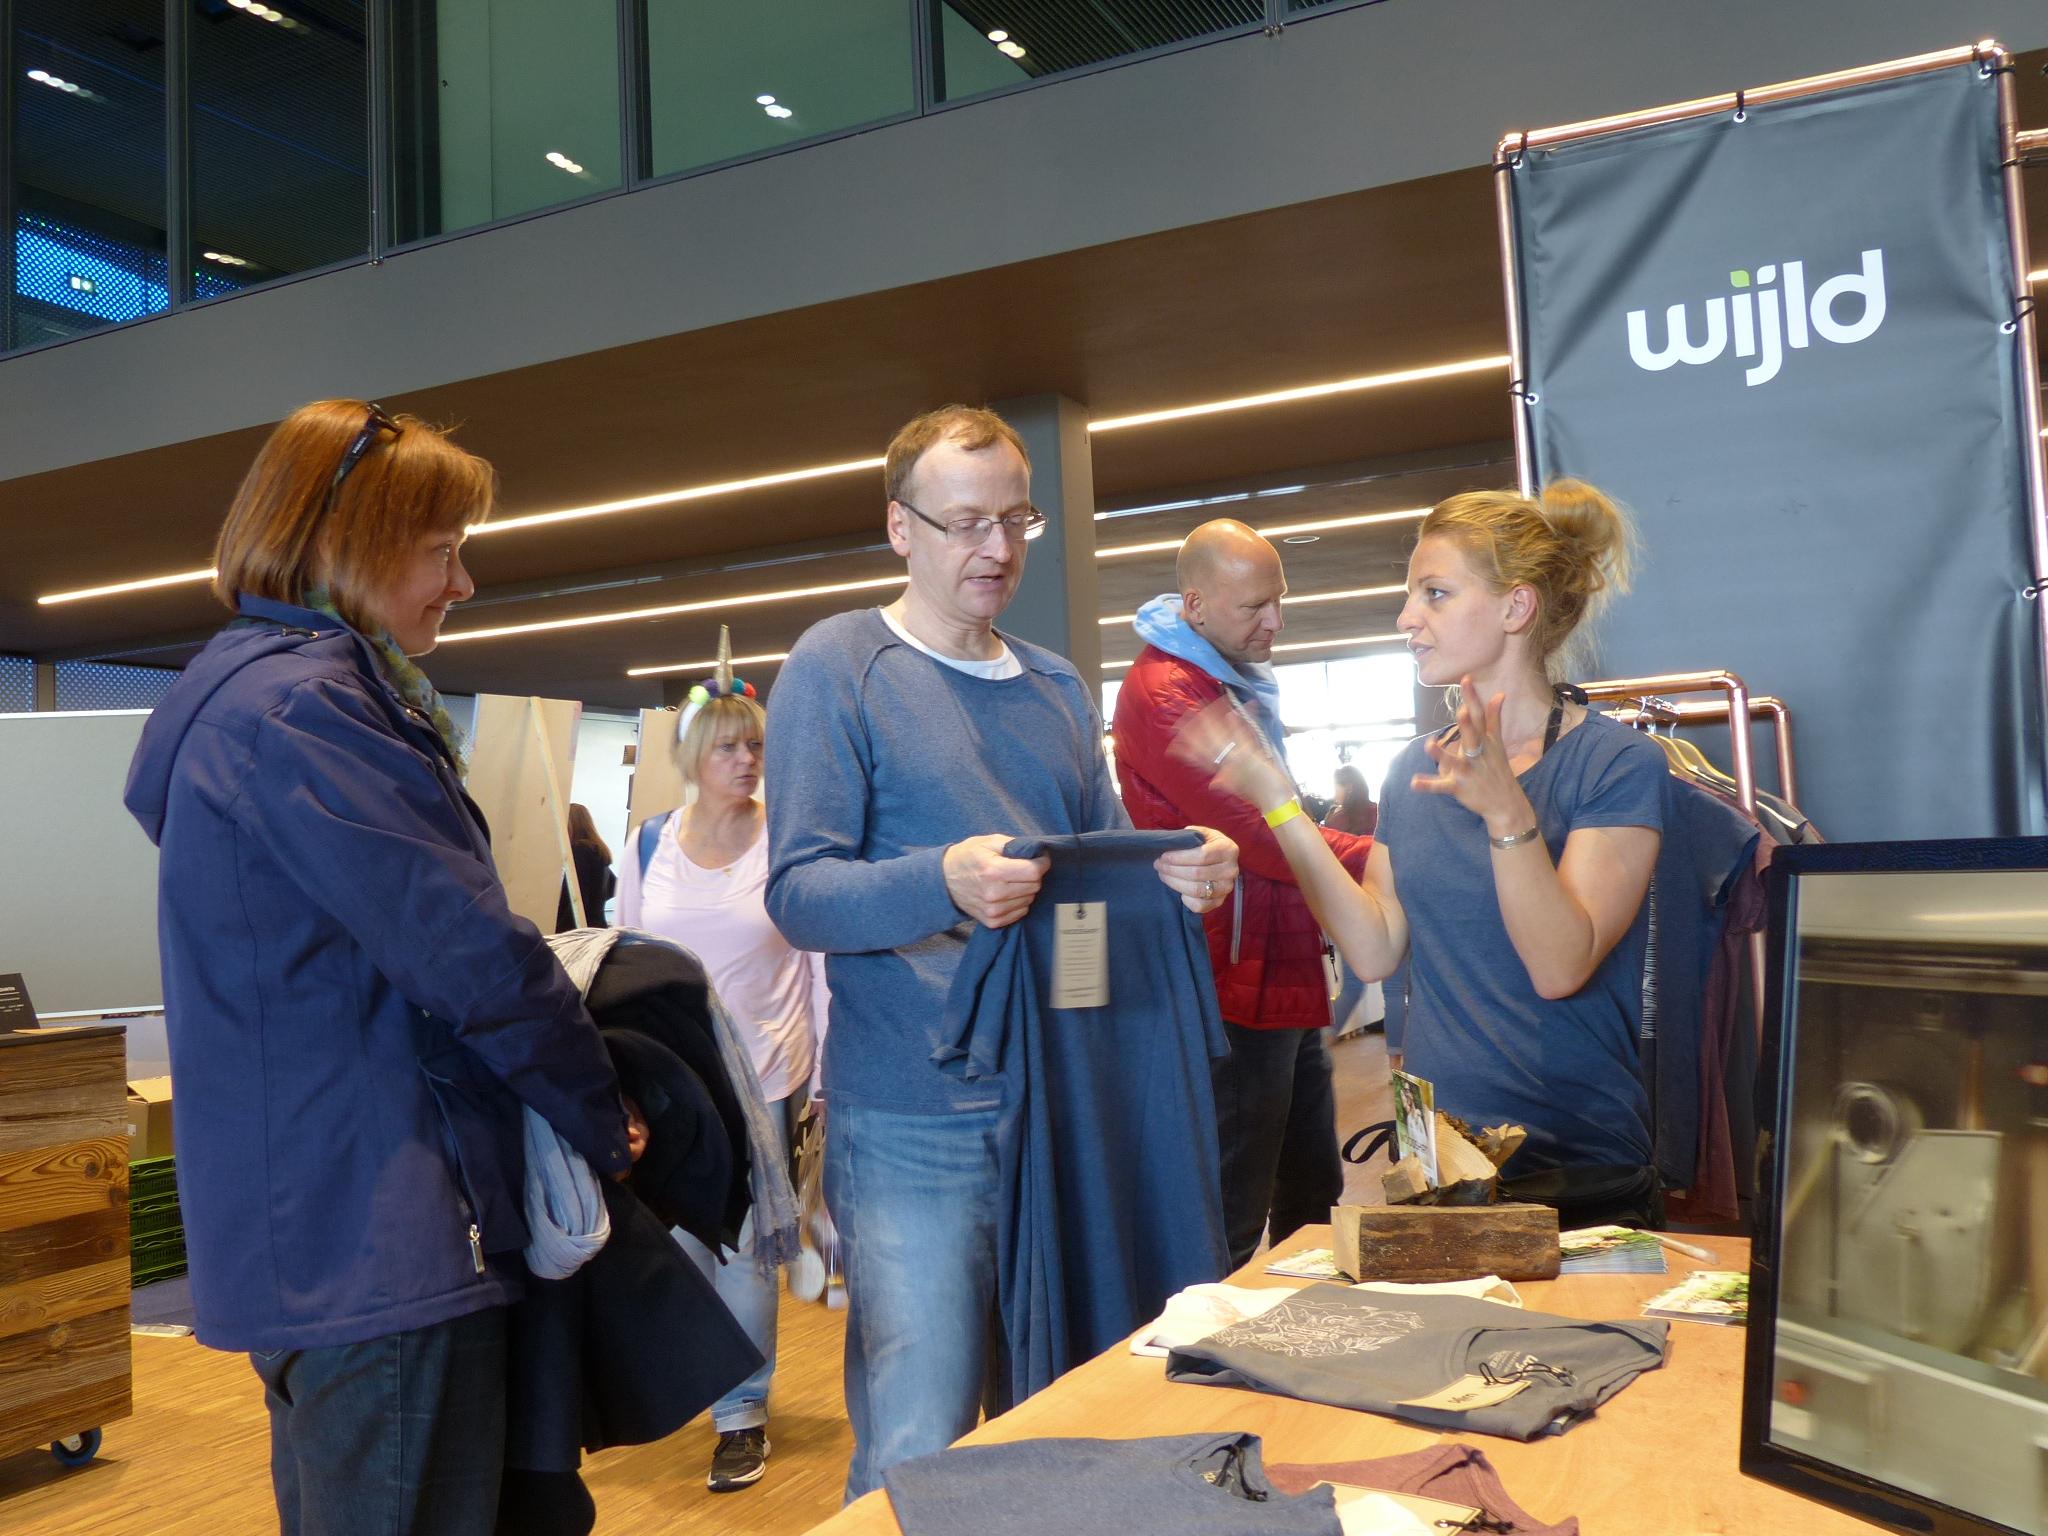 Mitgründerin Aline Hauck bei der Kundenberatung an ihrem Stand beim Flair Designmarkt in Konstanz